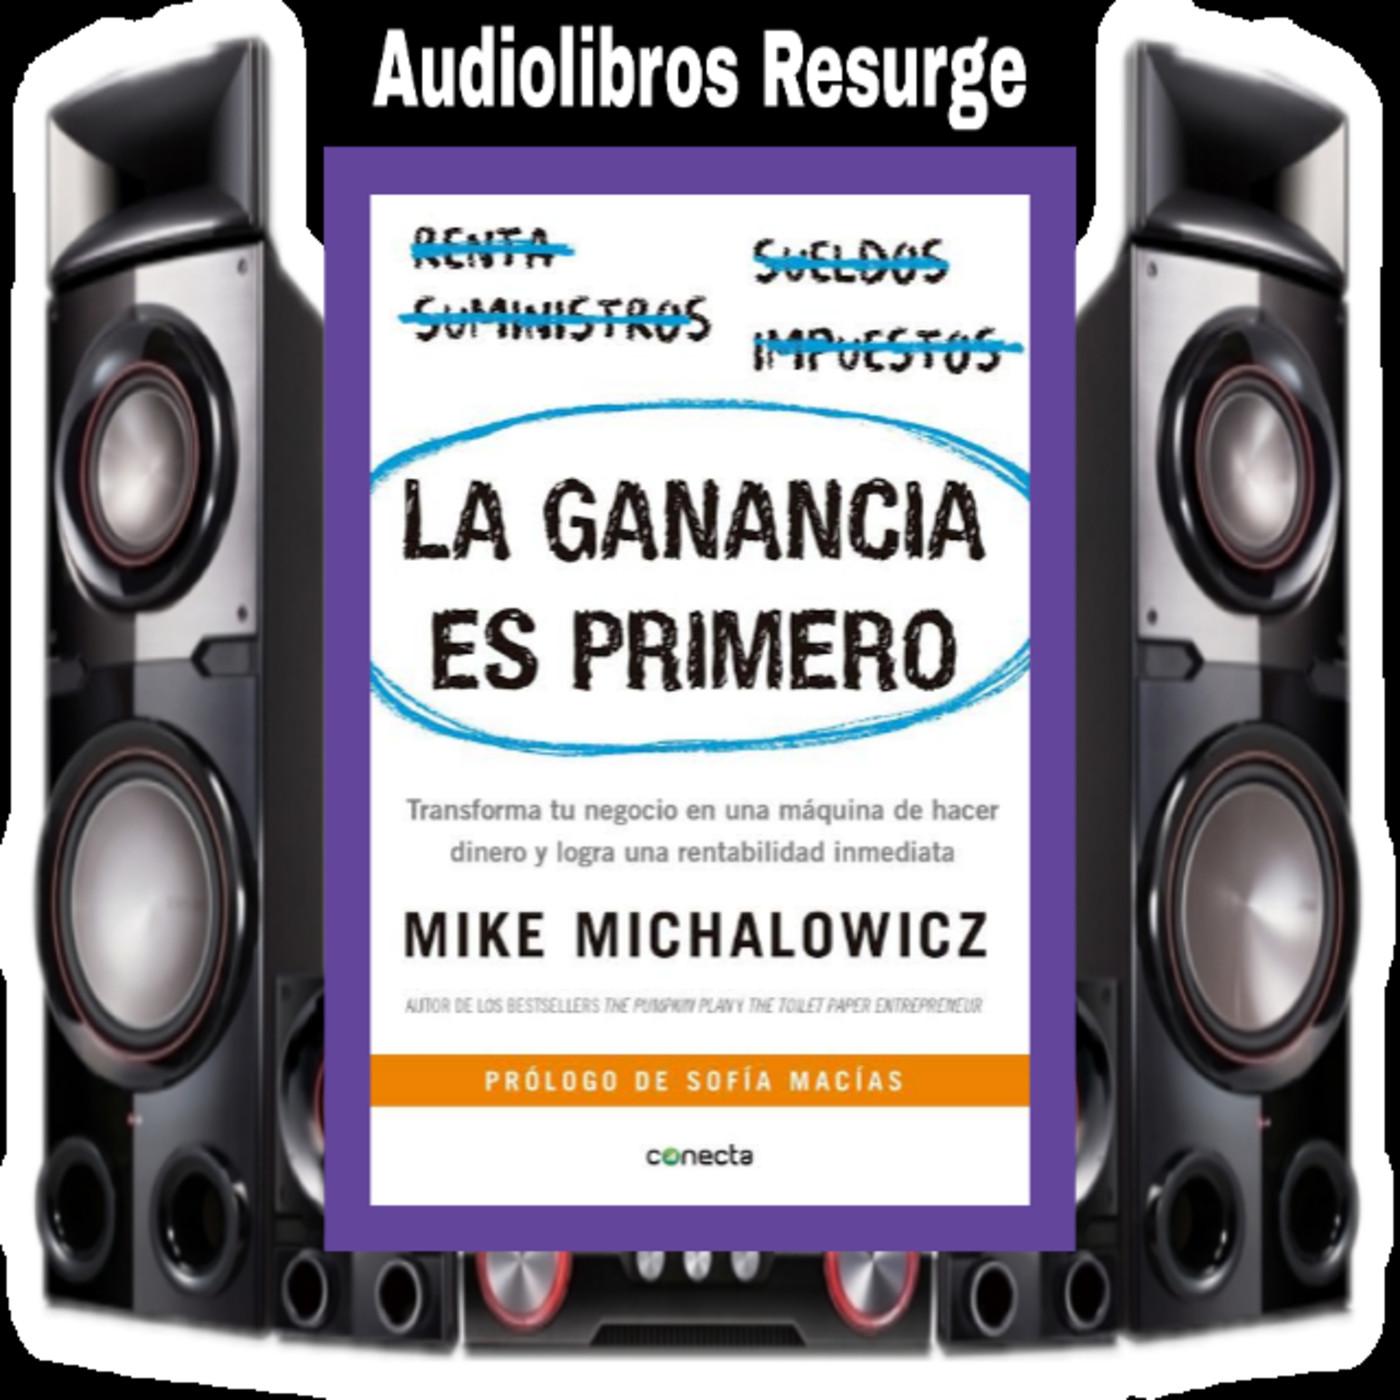 La ganancia es primero en Audiolibros Premium en mp3(17/12 a las 23:40:44)  07:44:37 30856722 - iVoox